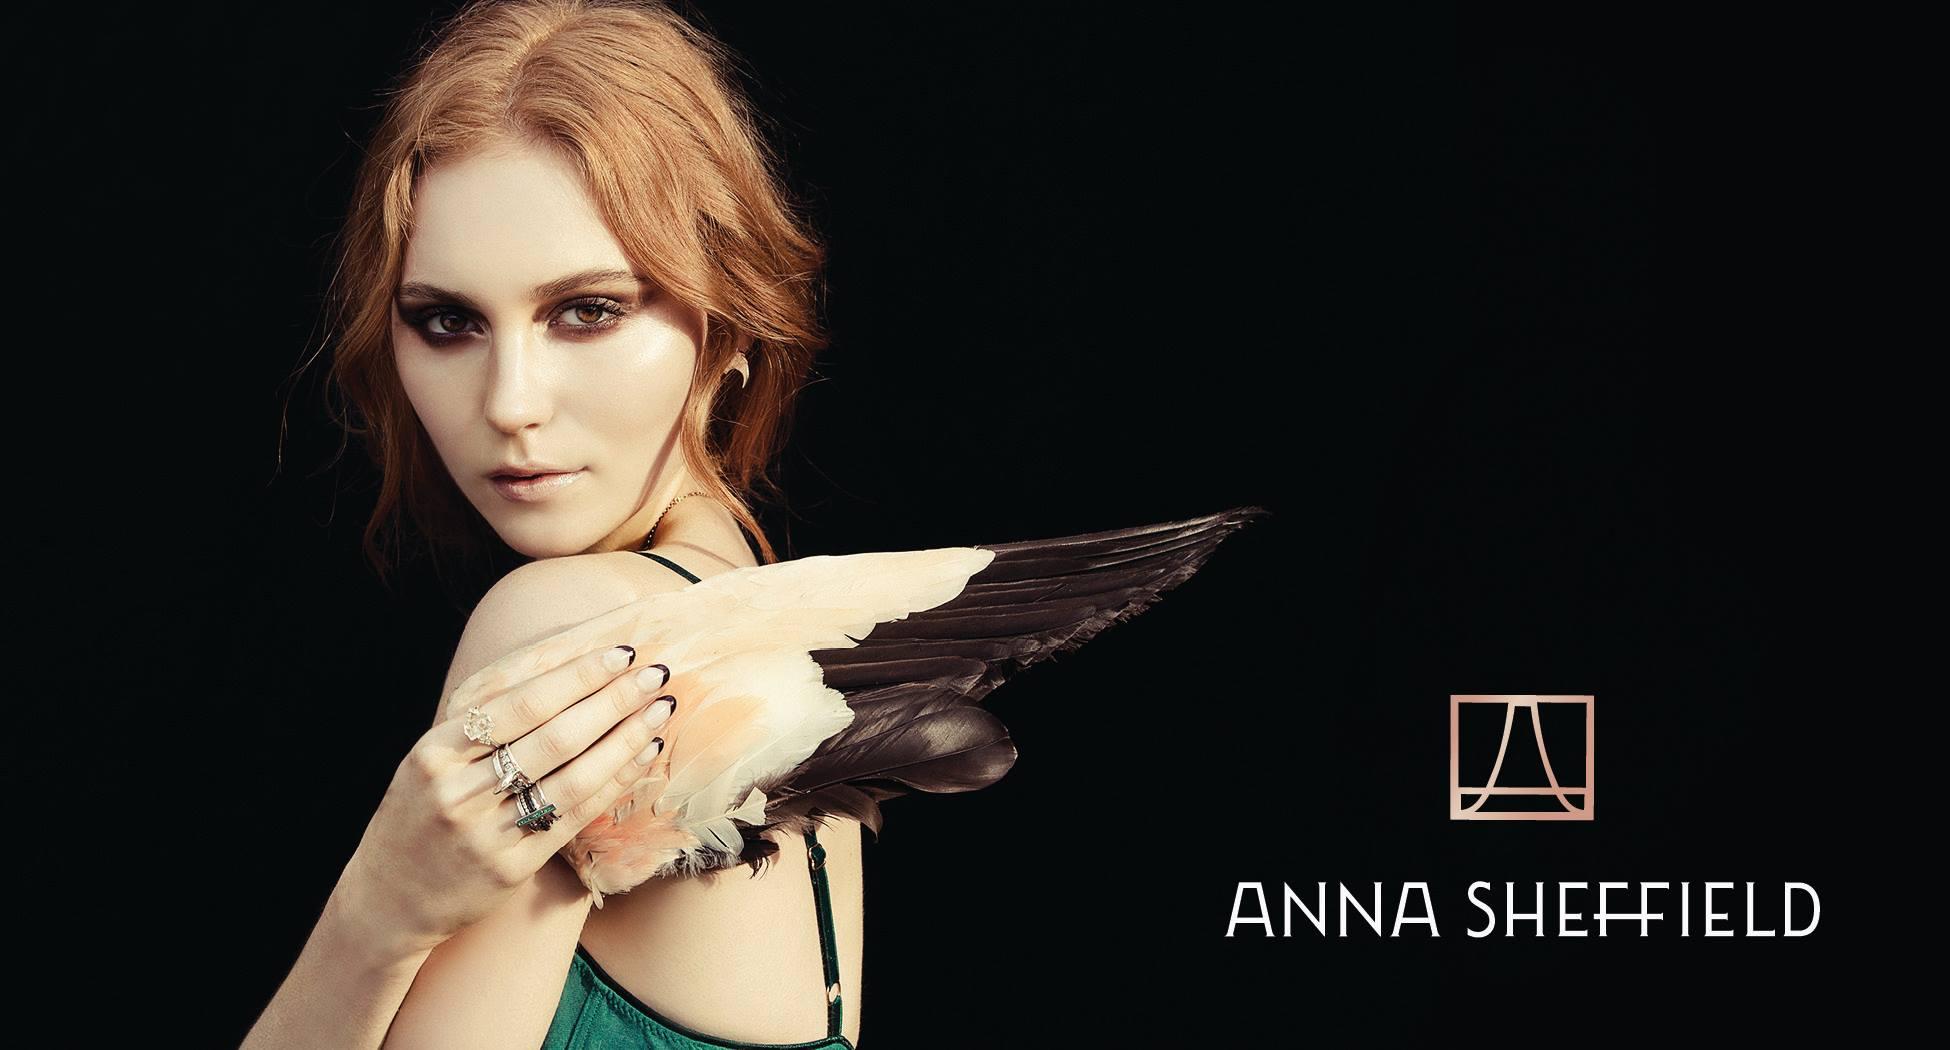 annasheffield - madeofjewelry